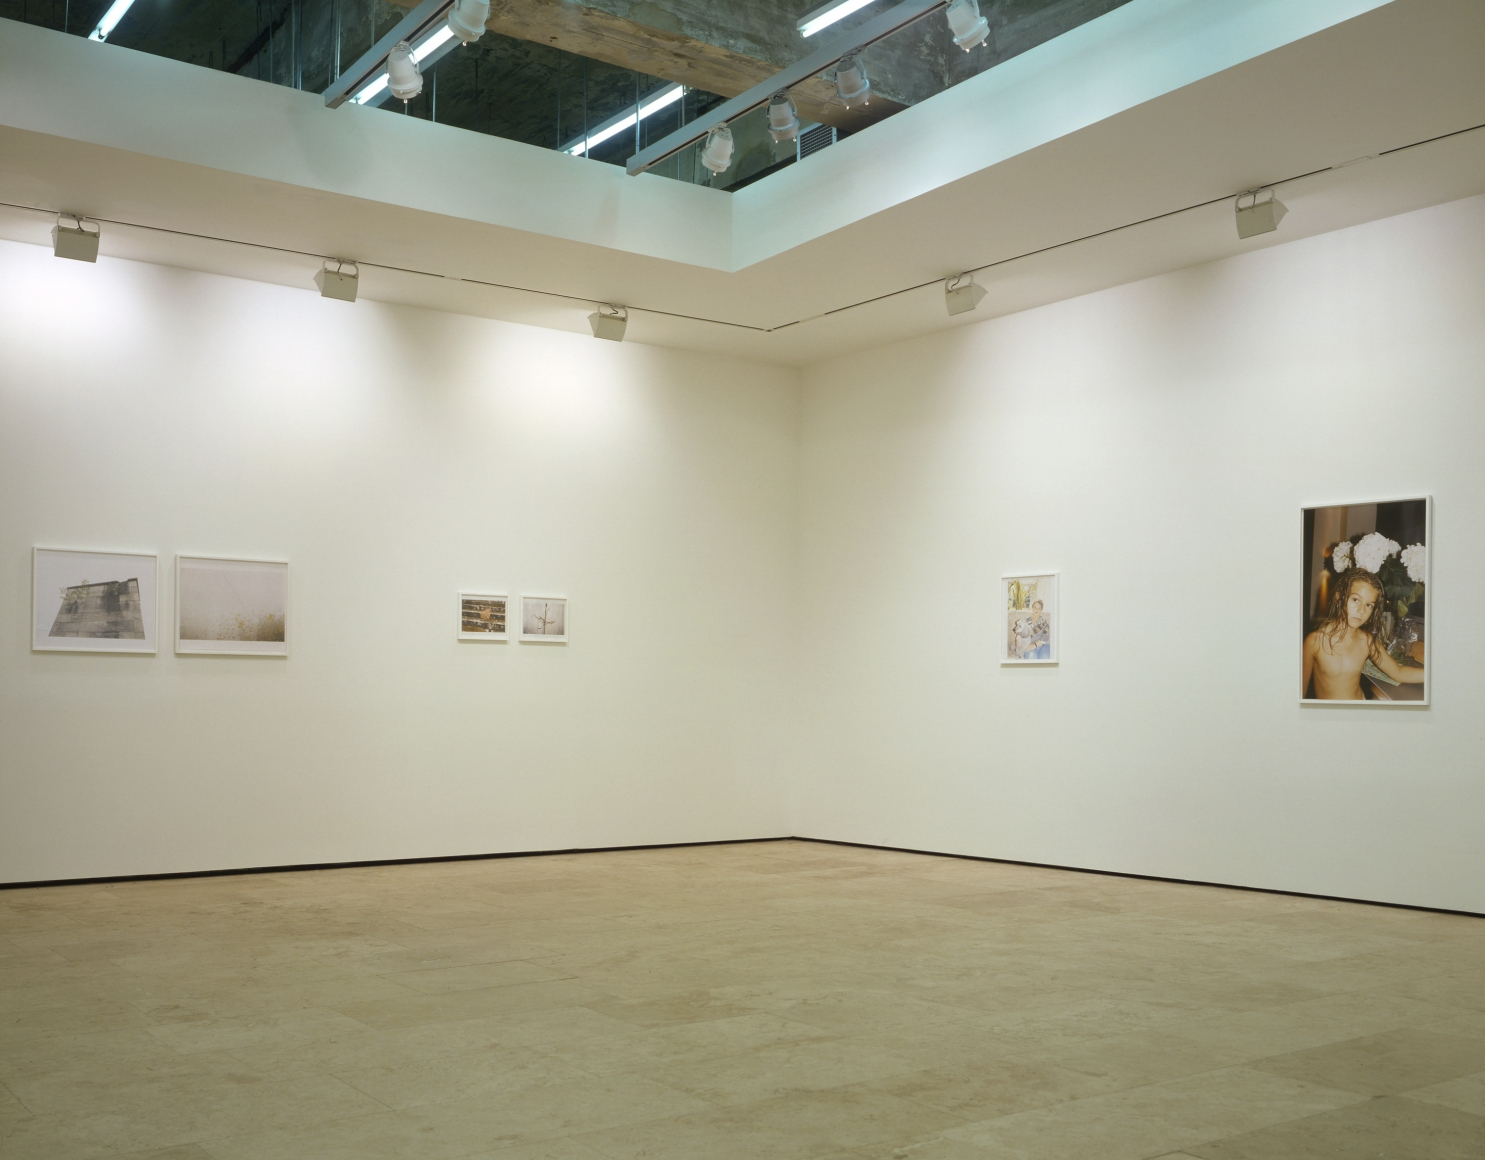 JUERGEN TELLER: NÜRNBERG Installation View 2.